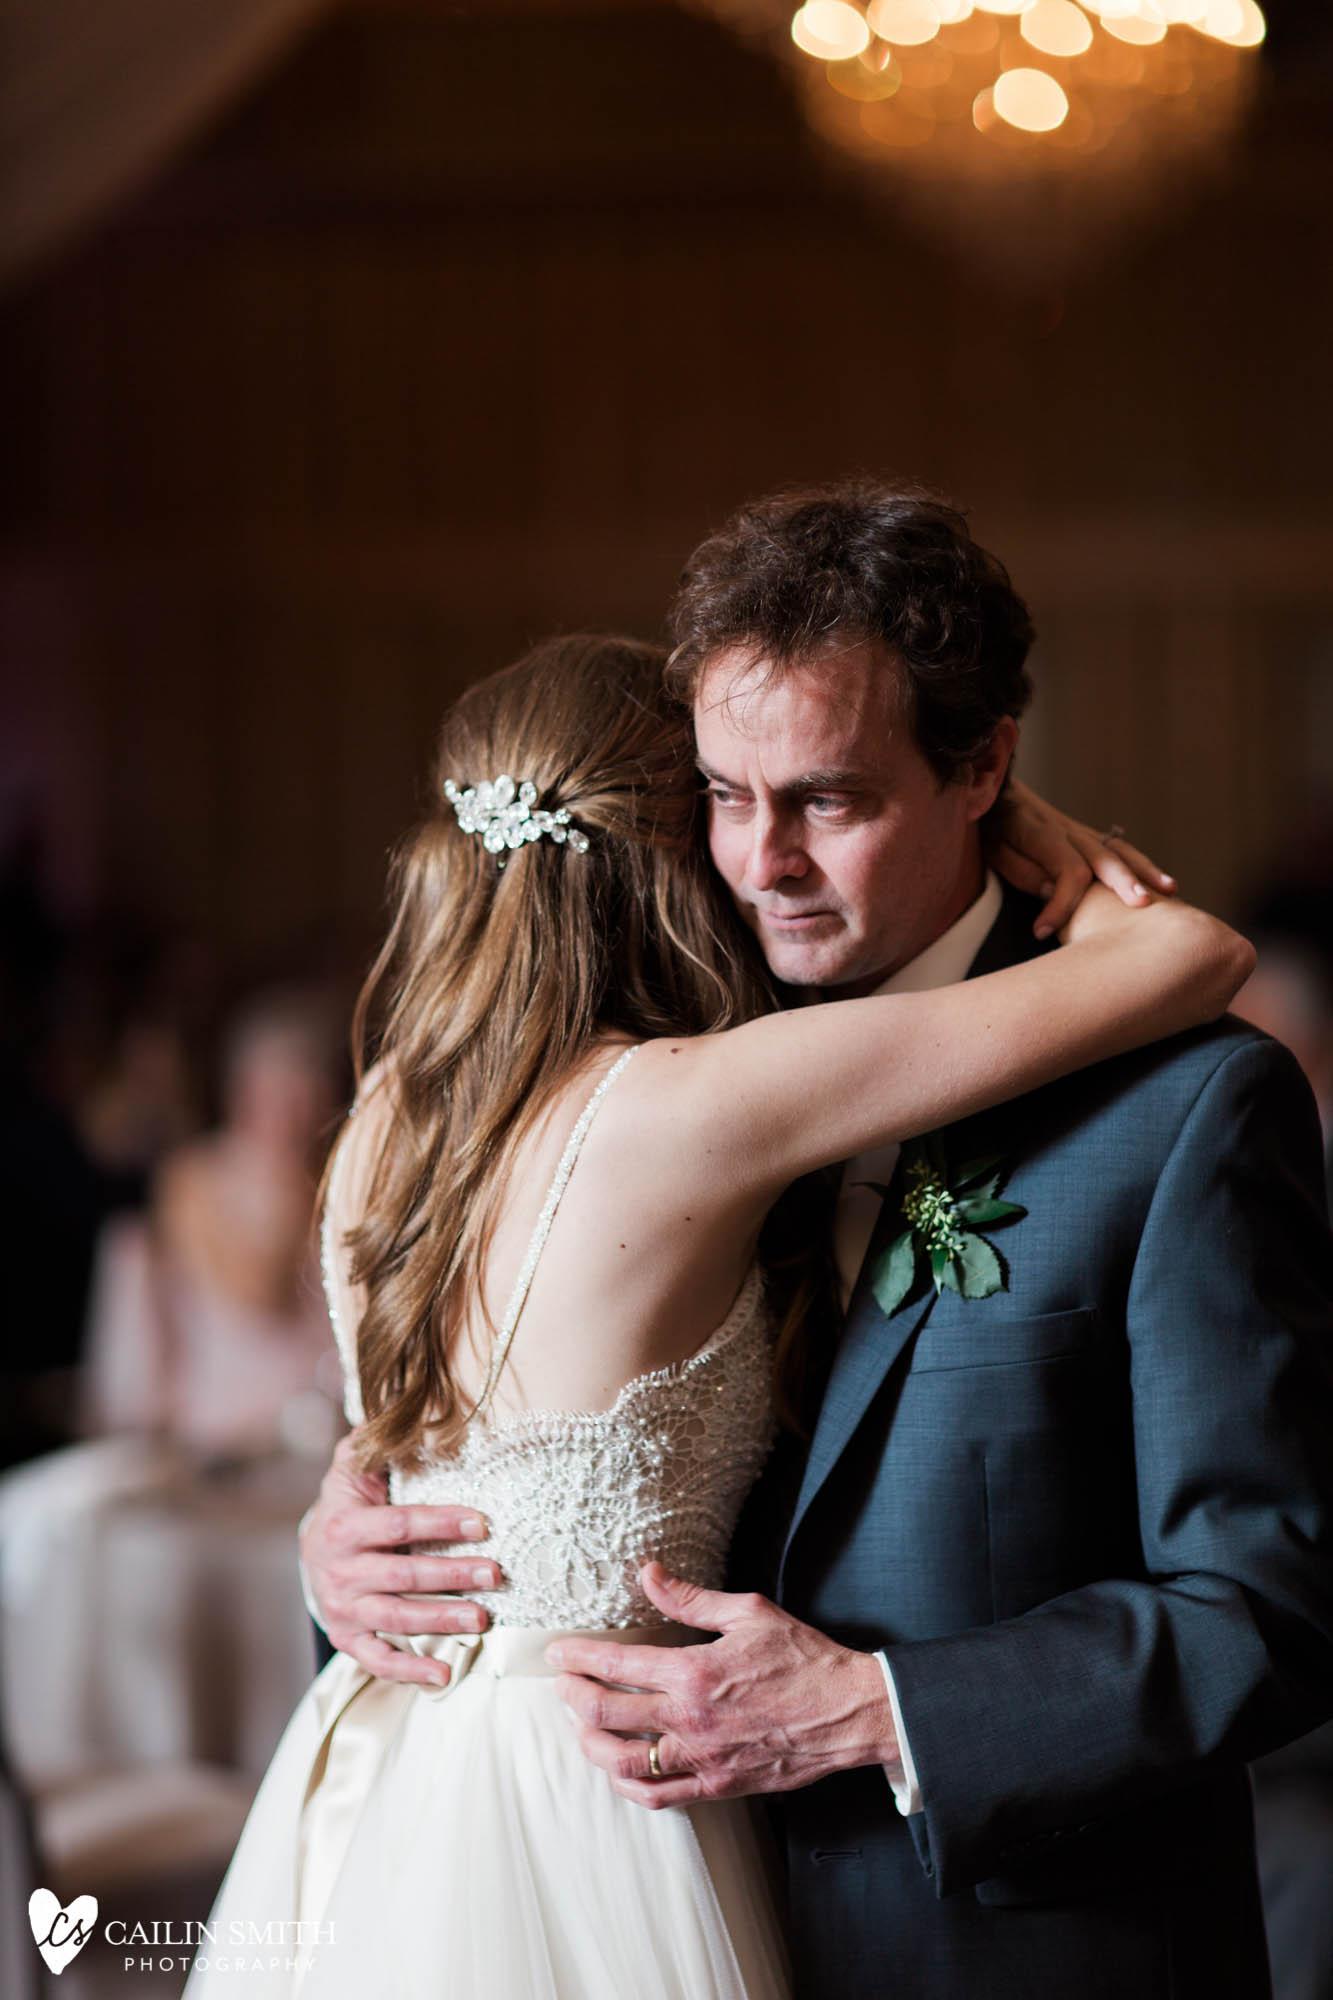 Sylvia_Anthony_Bowing_Oaks_Plantation_Wedding_Photography_0111.jpg